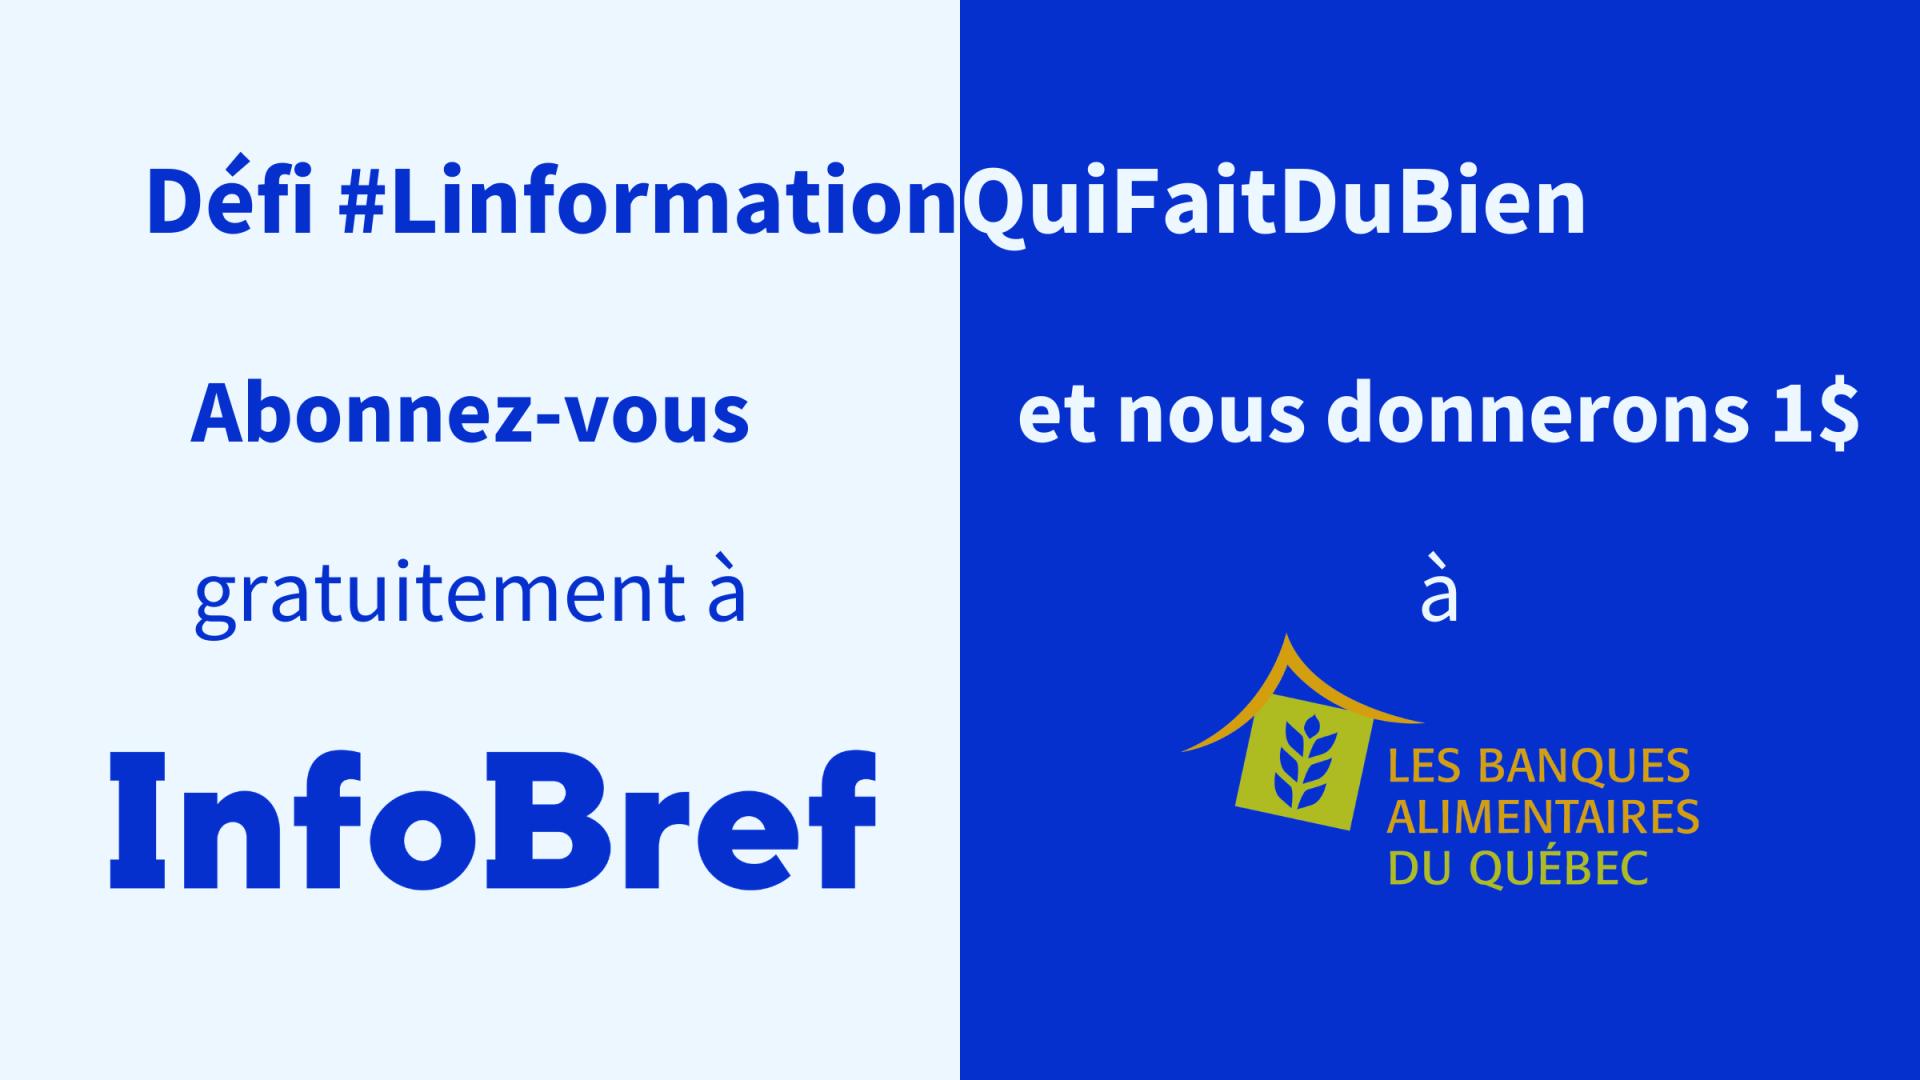 Faites découvrir InfoBref à vos collègues et amis, et vous contribuerez à financer l'aide alimentaire aux Québécois qui en ont besoin